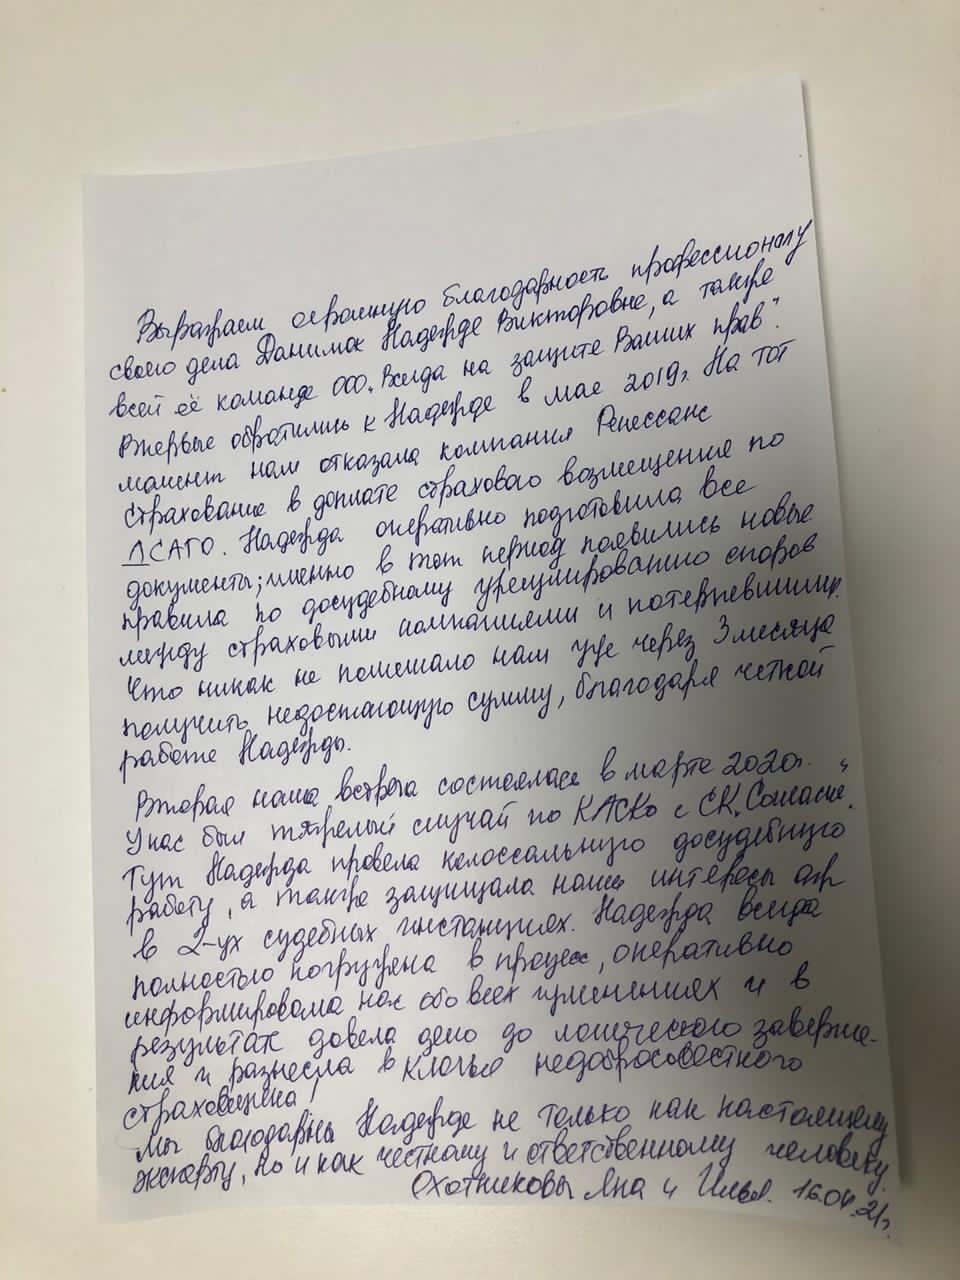 Отзыв от клиента Калугиной Н.В.